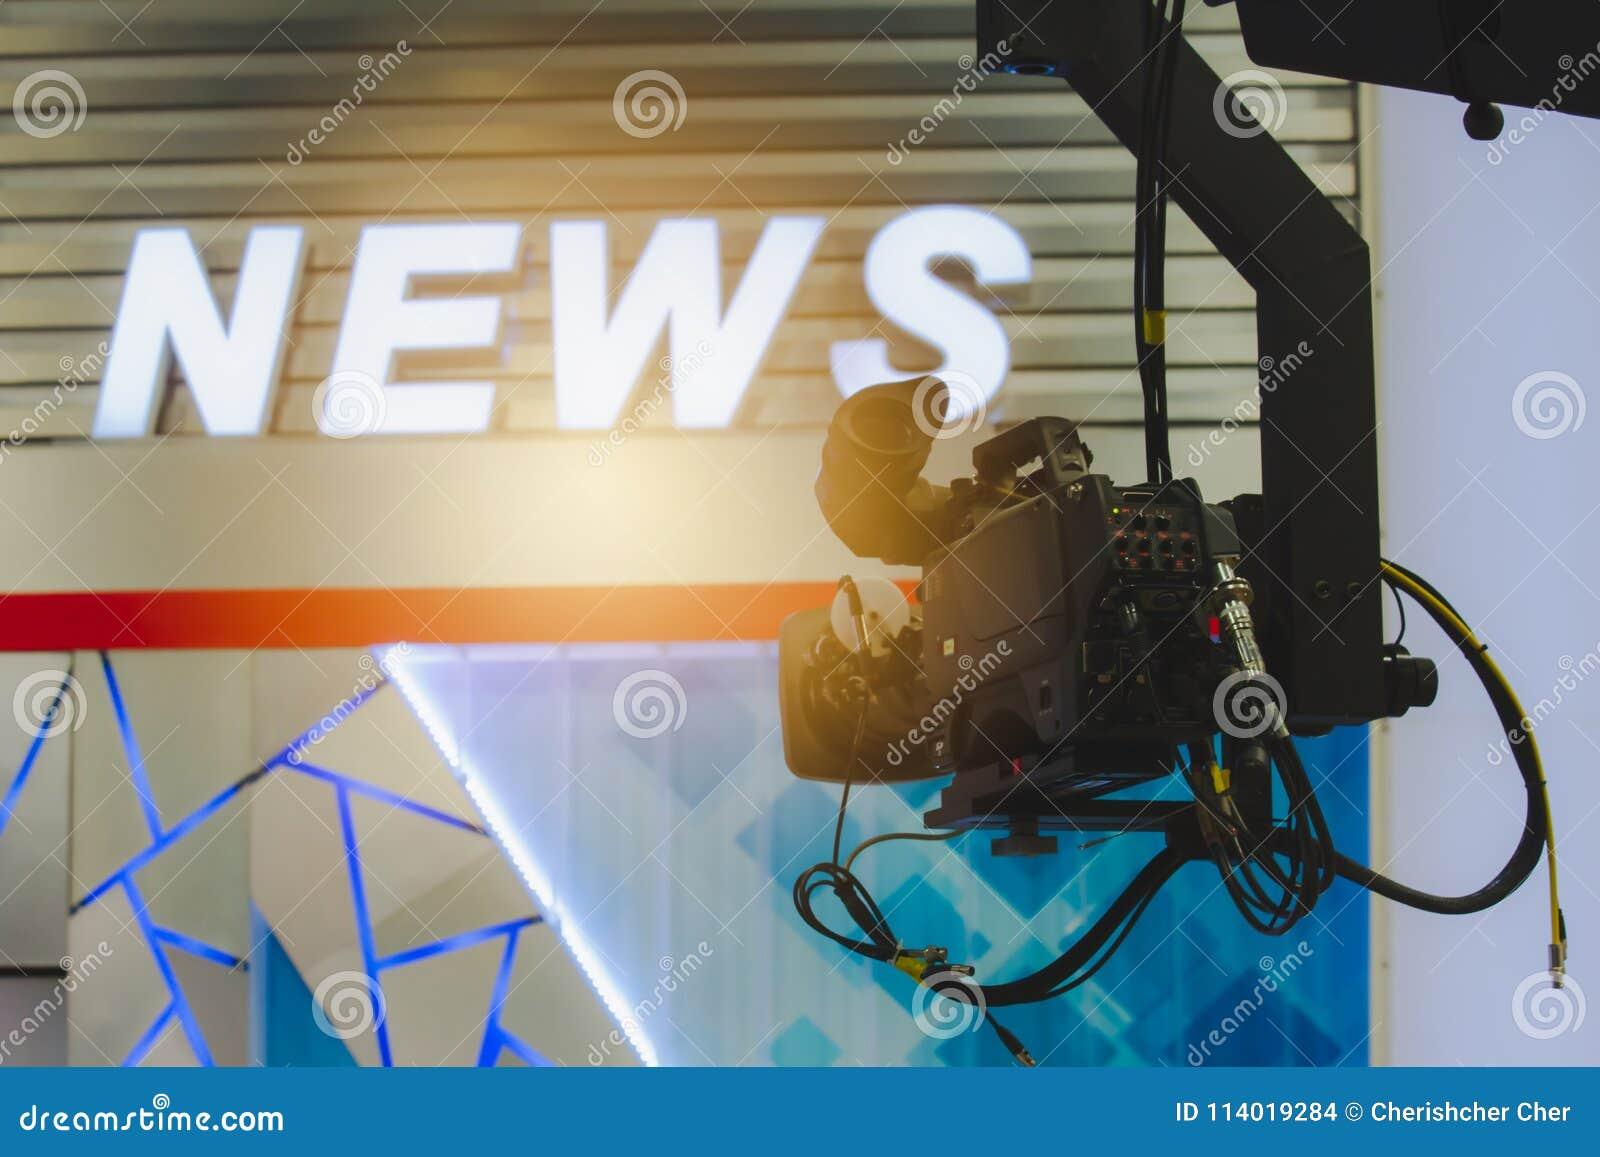 Camera in de ruimte van het uitzendingsnieuws